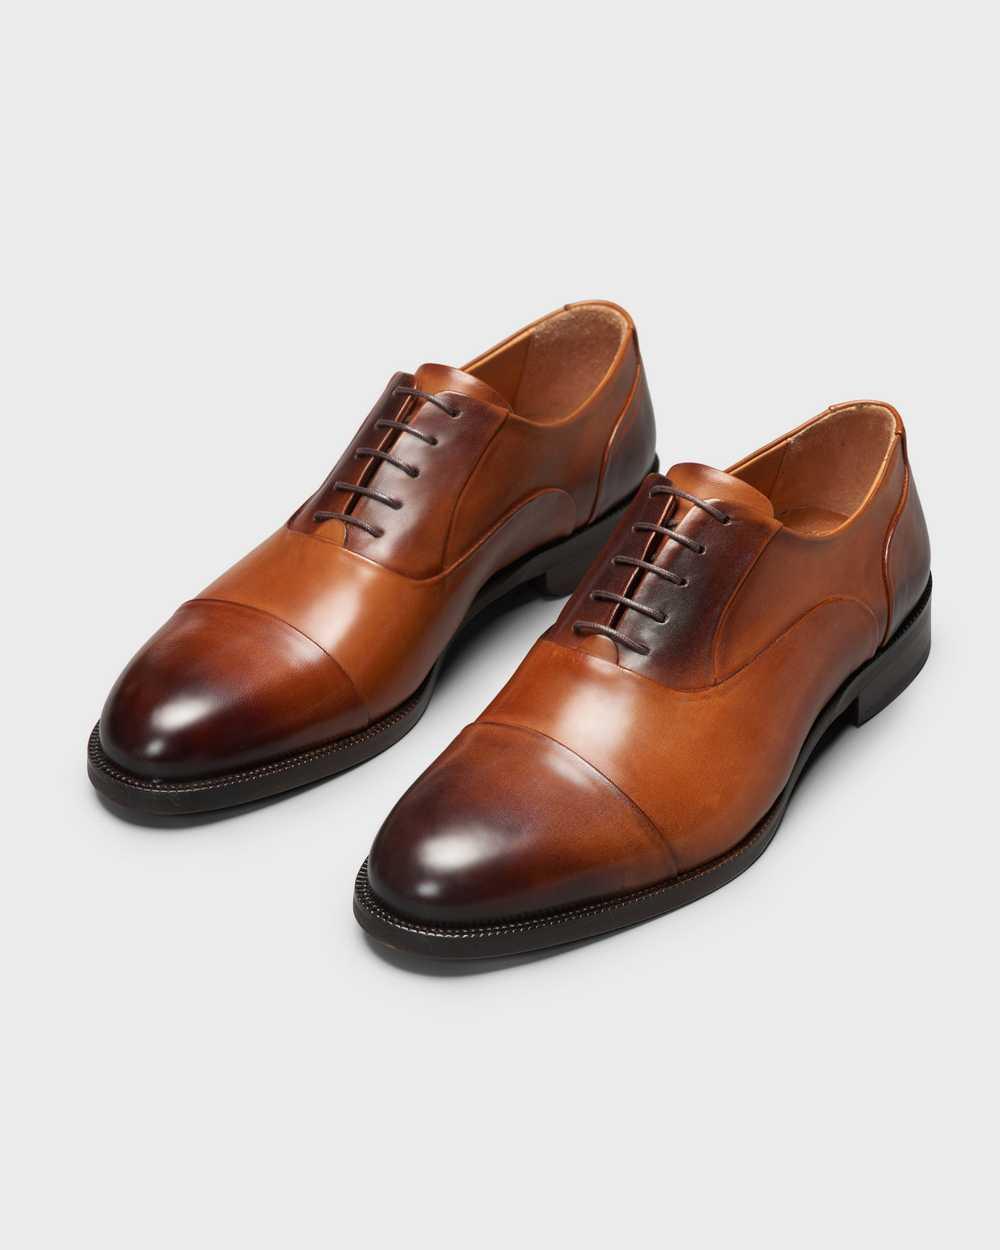 Туфли мужские оксфорды рыжие с отрезным мысом